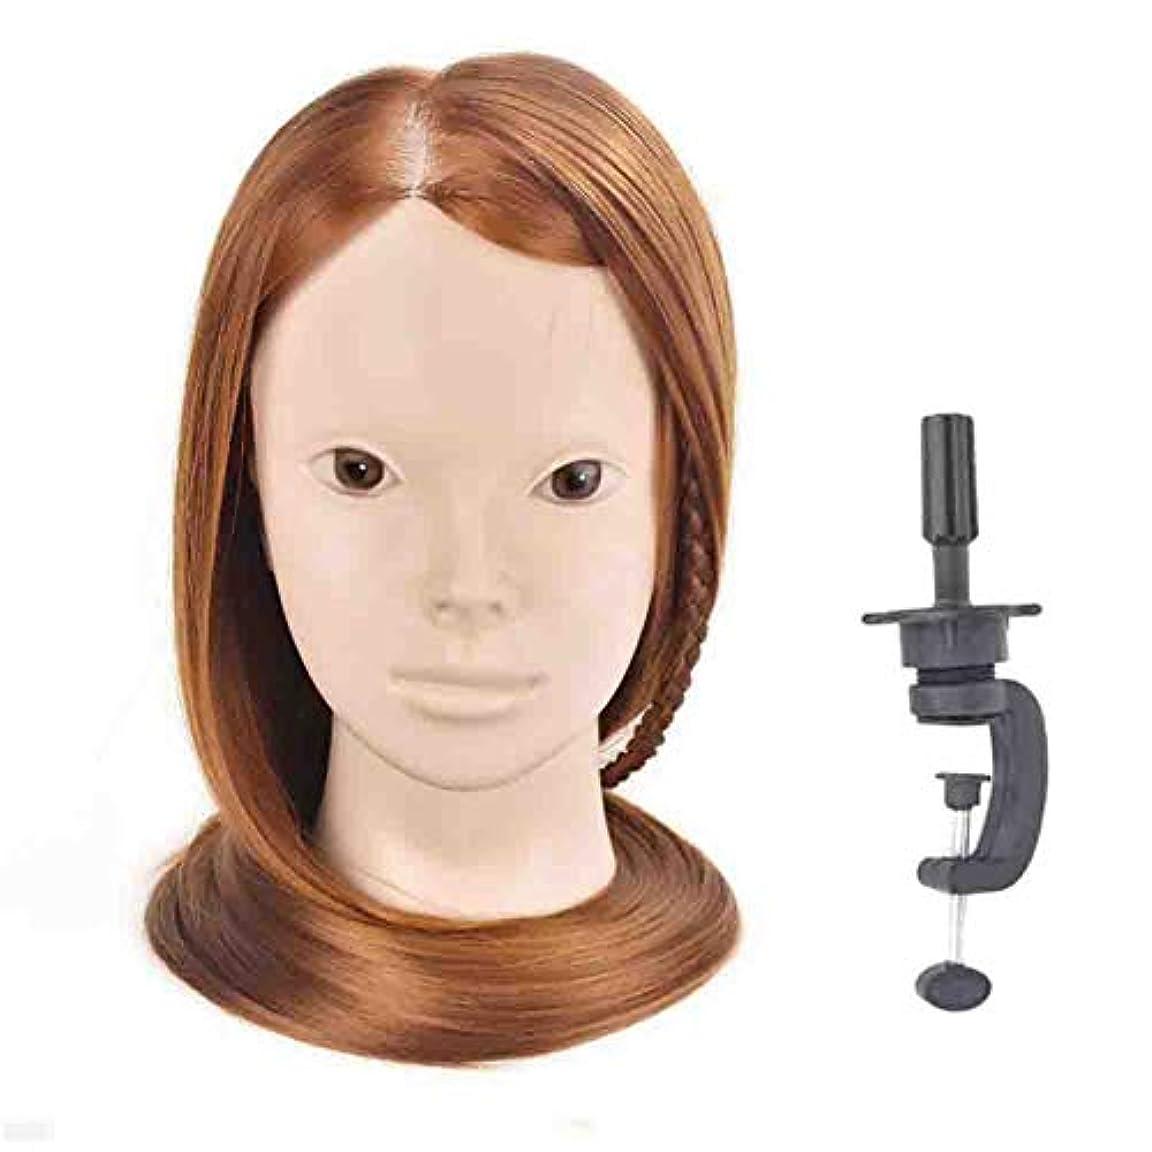 レーザシャンプー耳は、花嫁の髪編組ひも学習ヘッドモデル理髪モデルヘッド理髪サロン散髪ダミー練習ヘッド